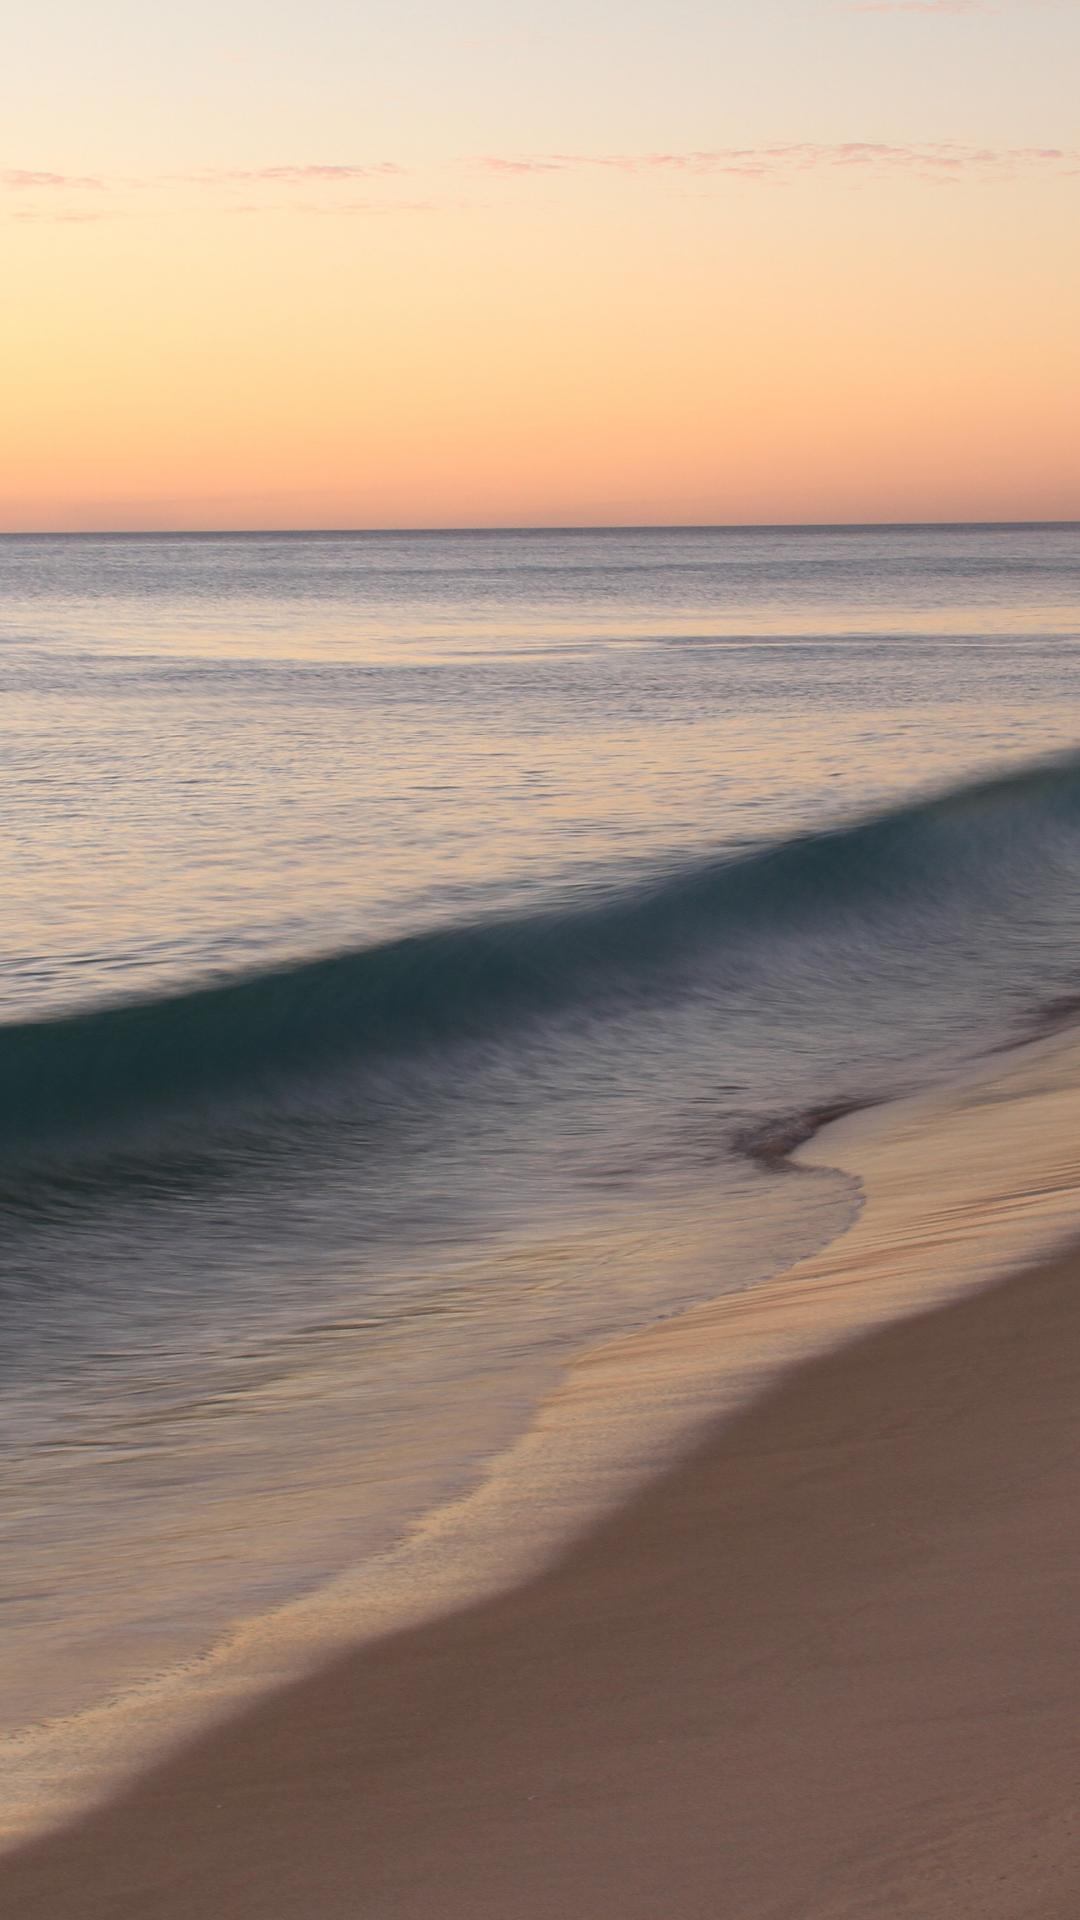 Wavy Ocean iPhone Wallpaper